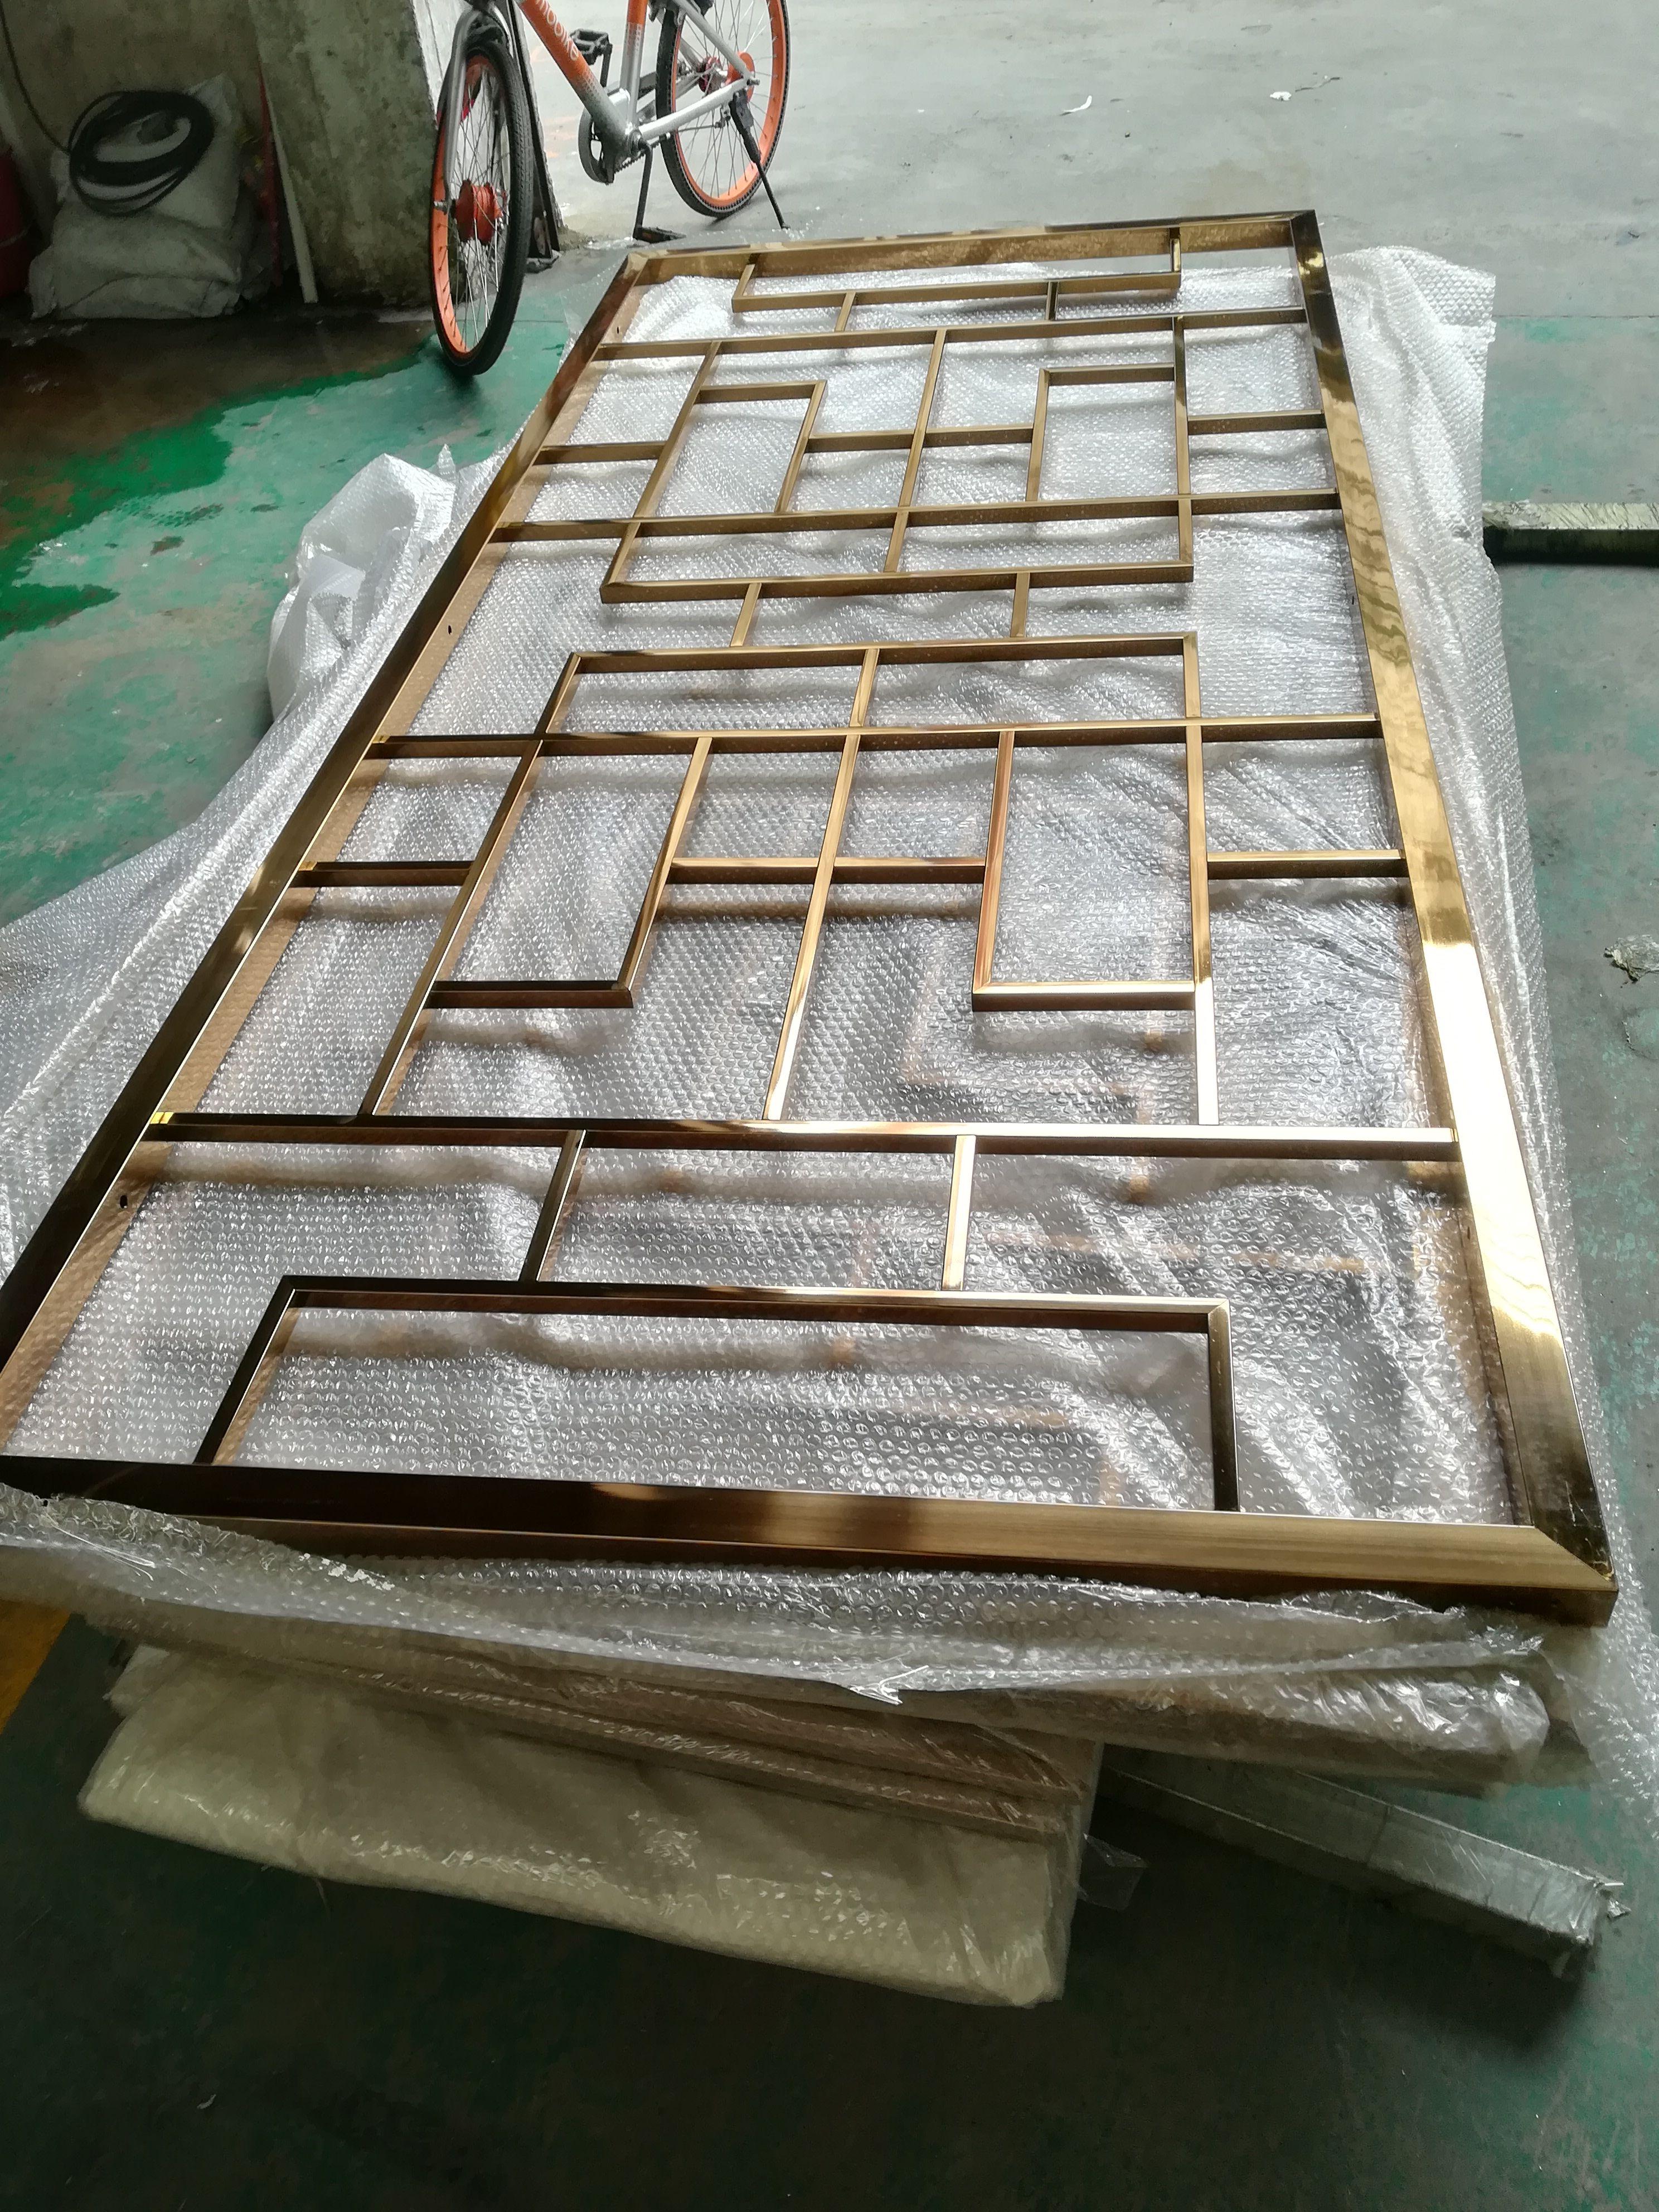 知名厂家不锈钢屏风,不锈钢激光镂空红古铜屏风